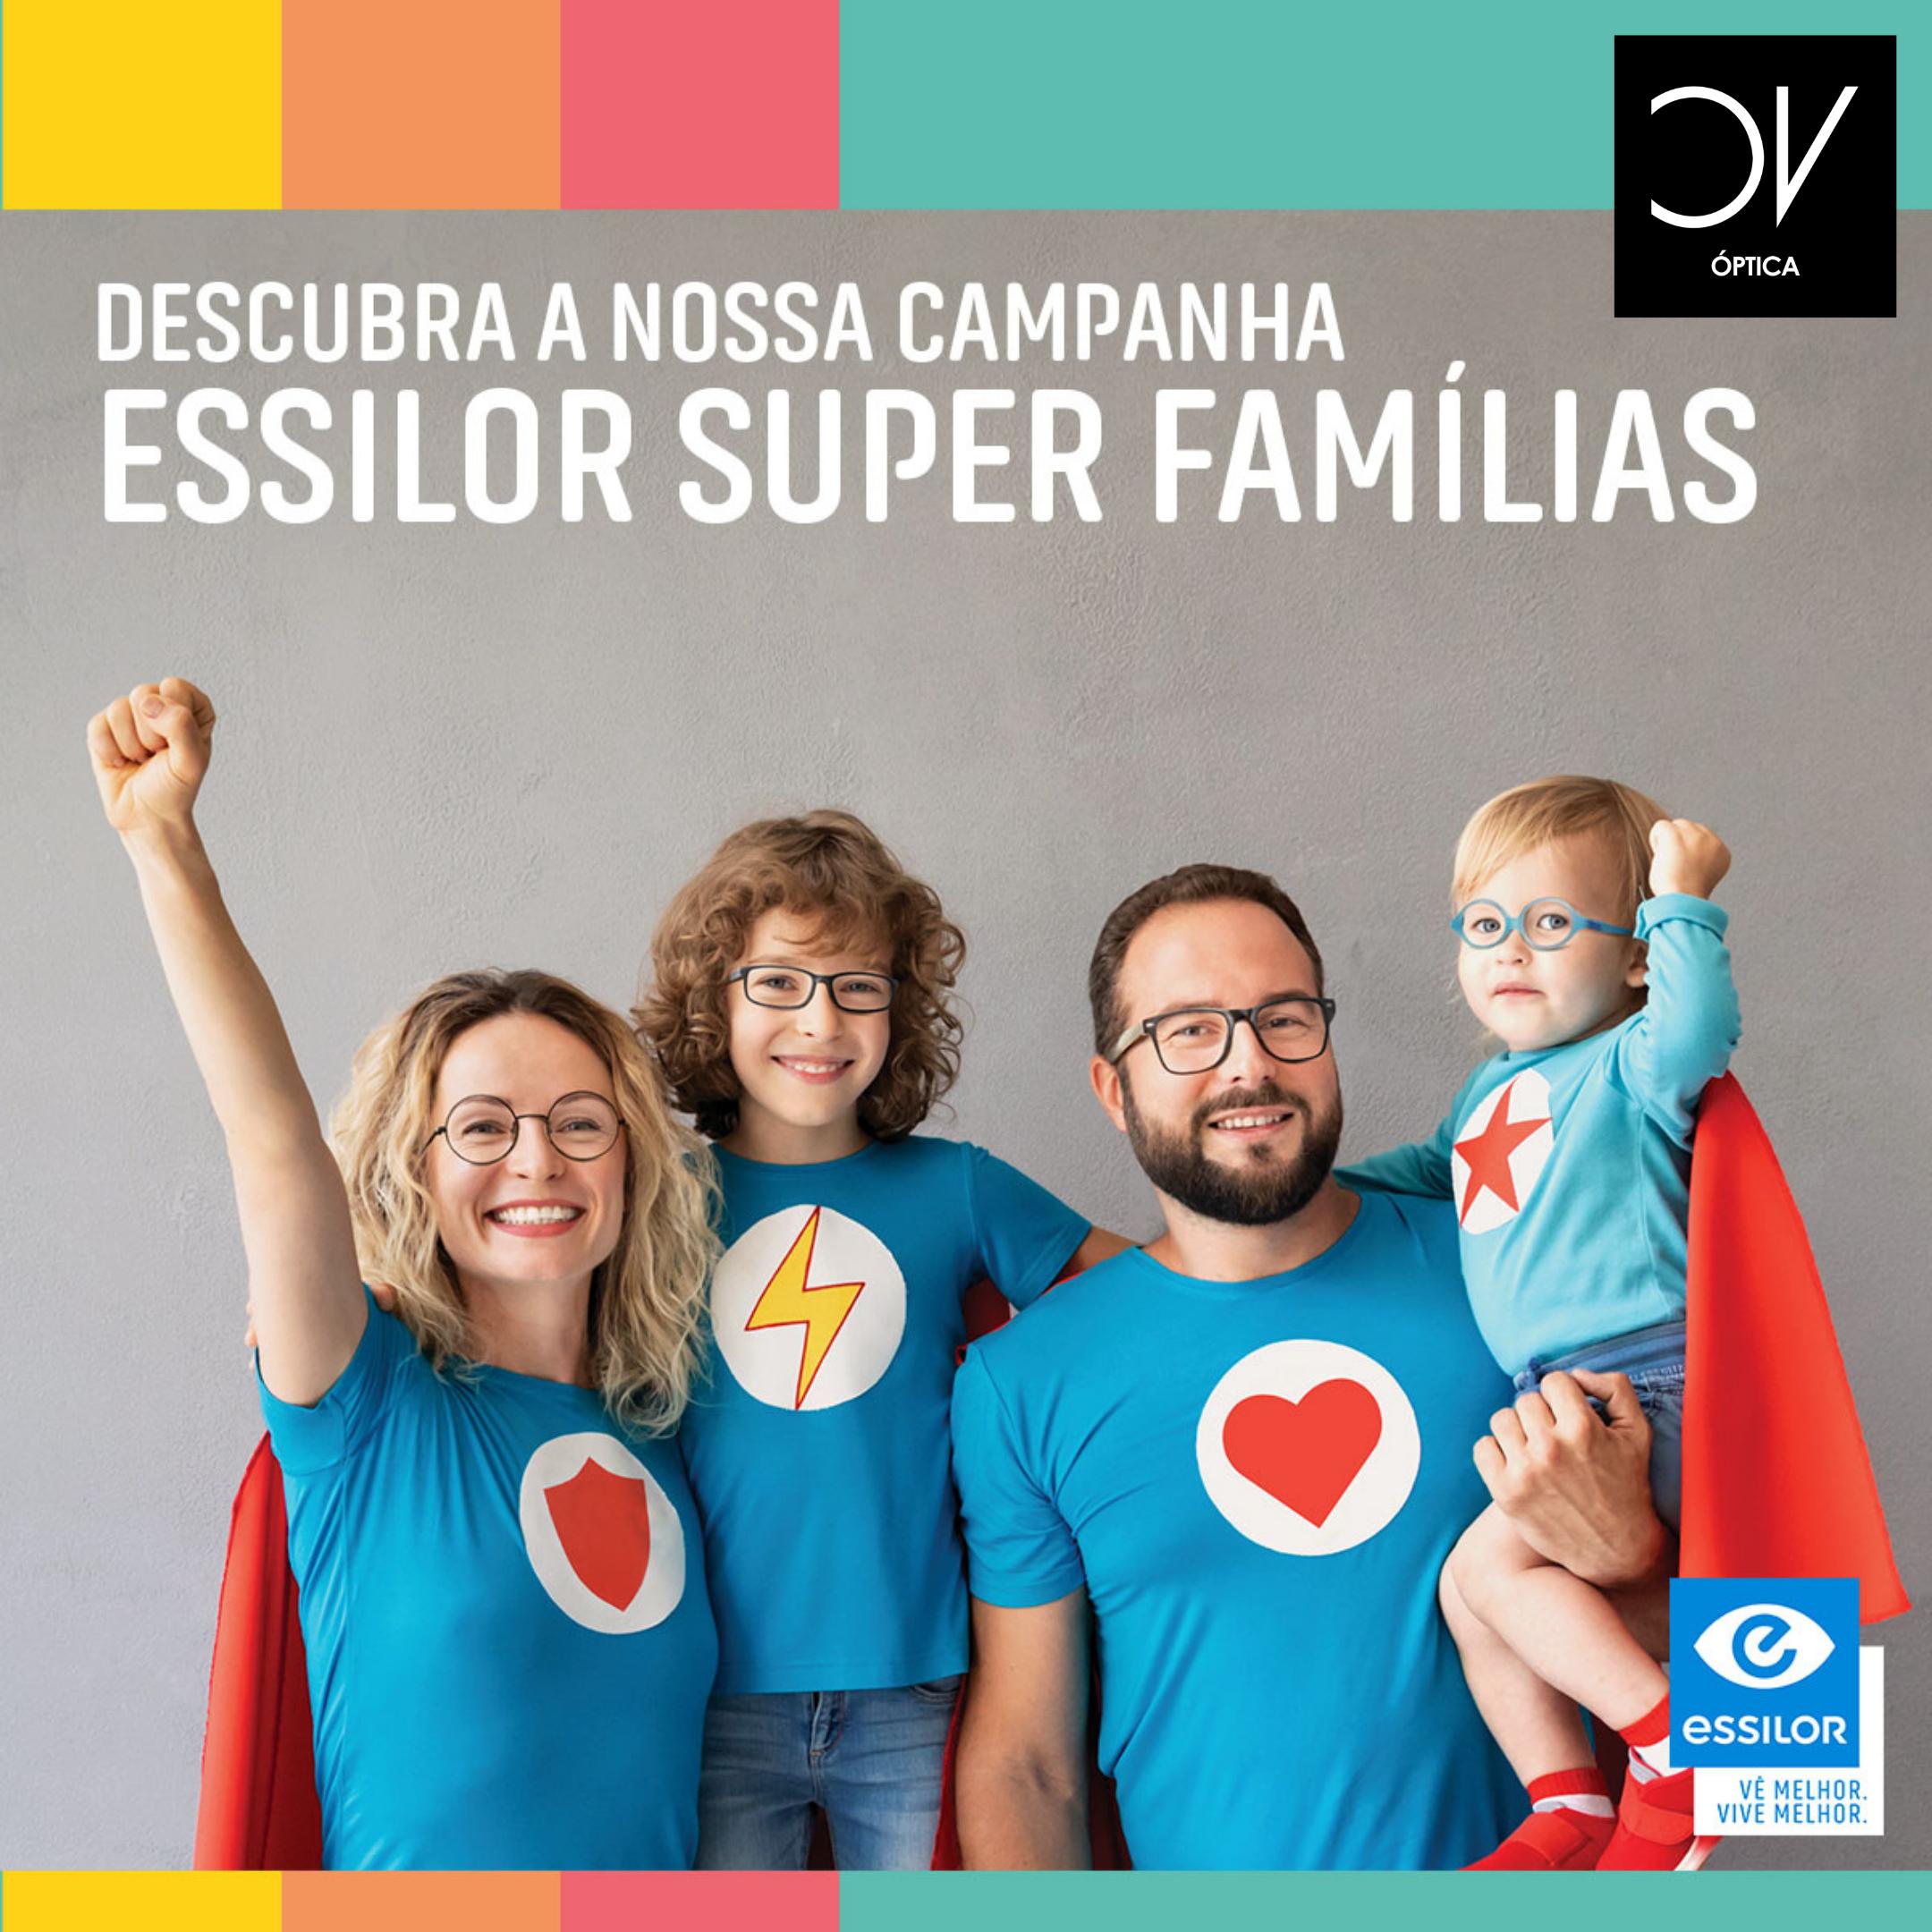 Campanha Essilor Super Família